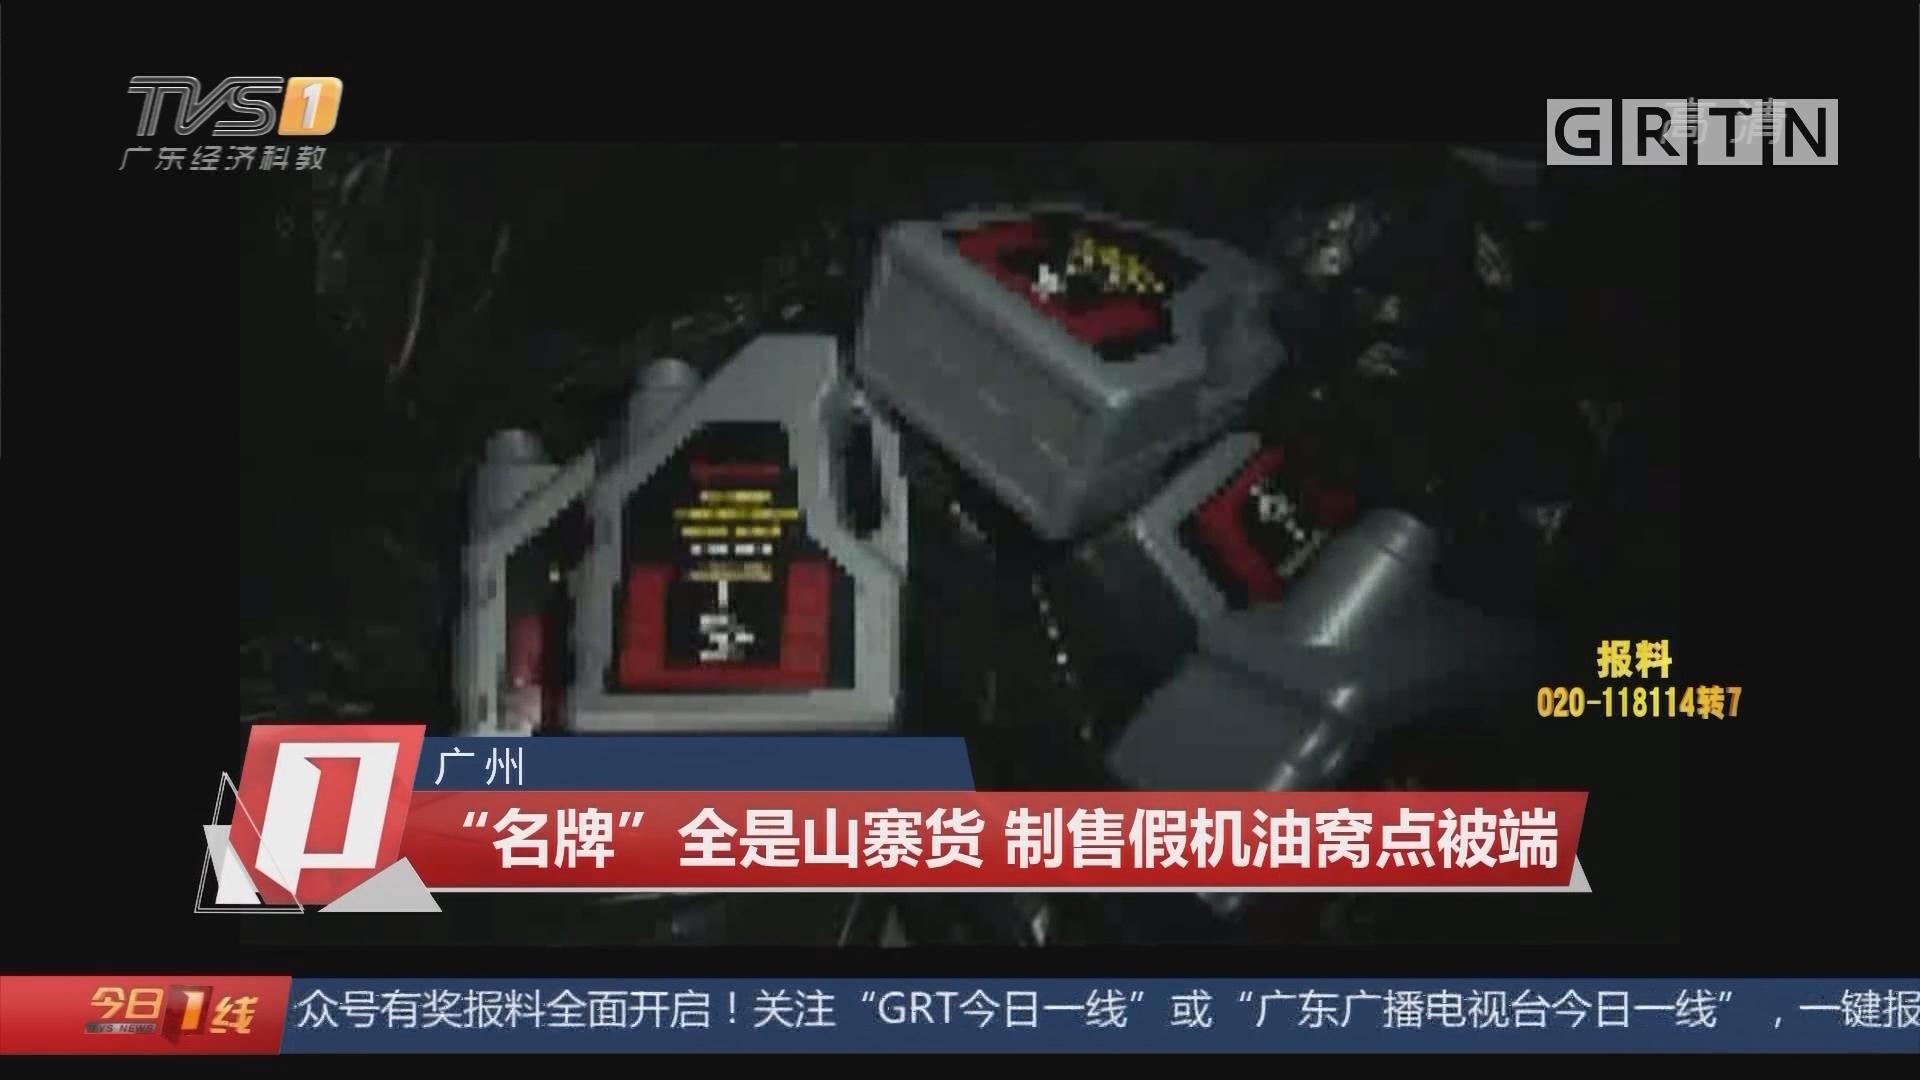 """广州 """"名牌""""全是山寨货 制售假机油窝点被端"""